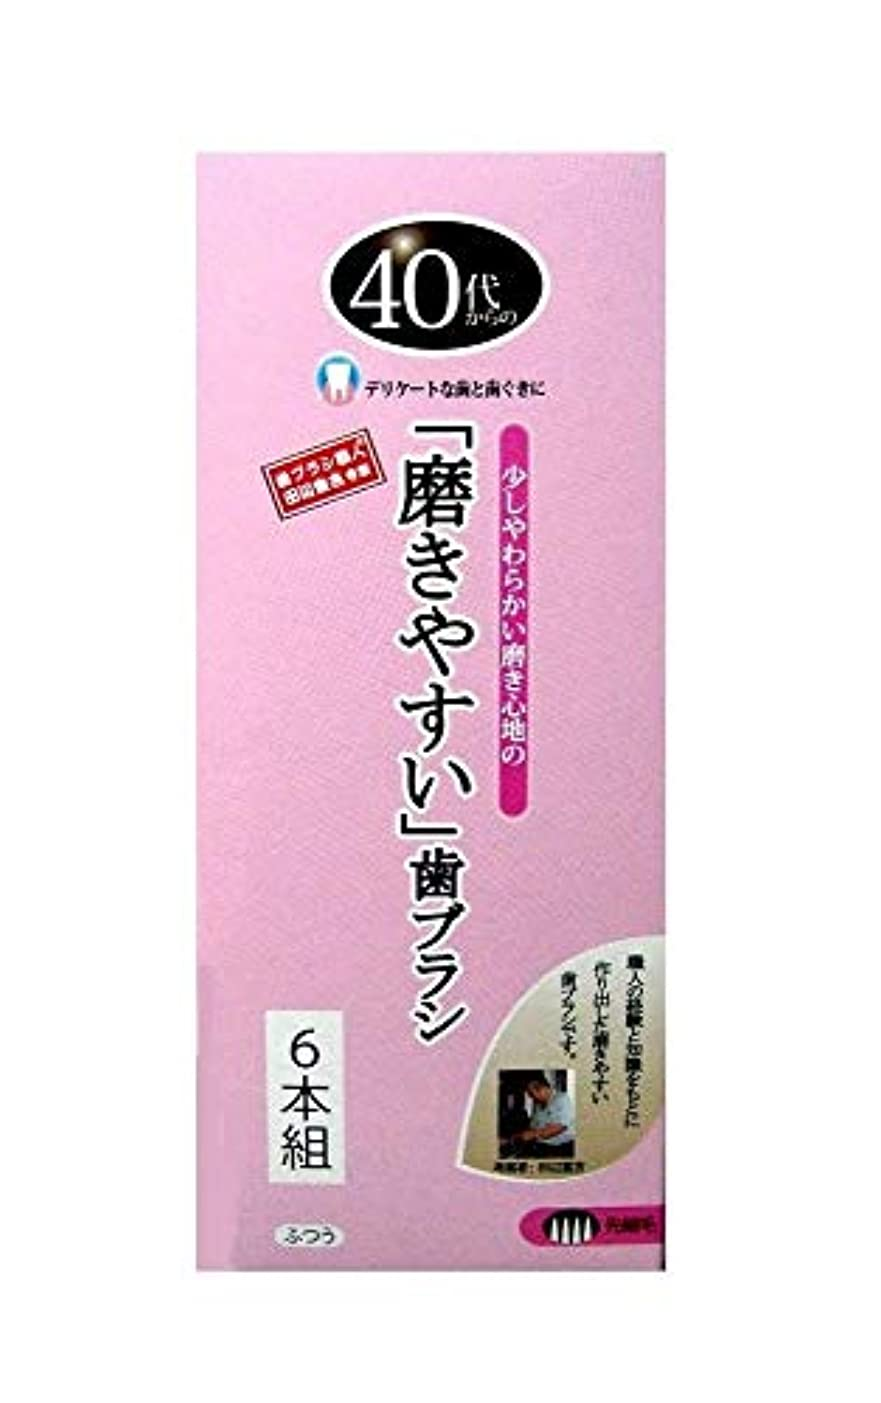 謝罪公園ふつう歯ブラシ職人 田辺重吉考案 40代からの磨きやすい歯ブラシ 先細 6本組